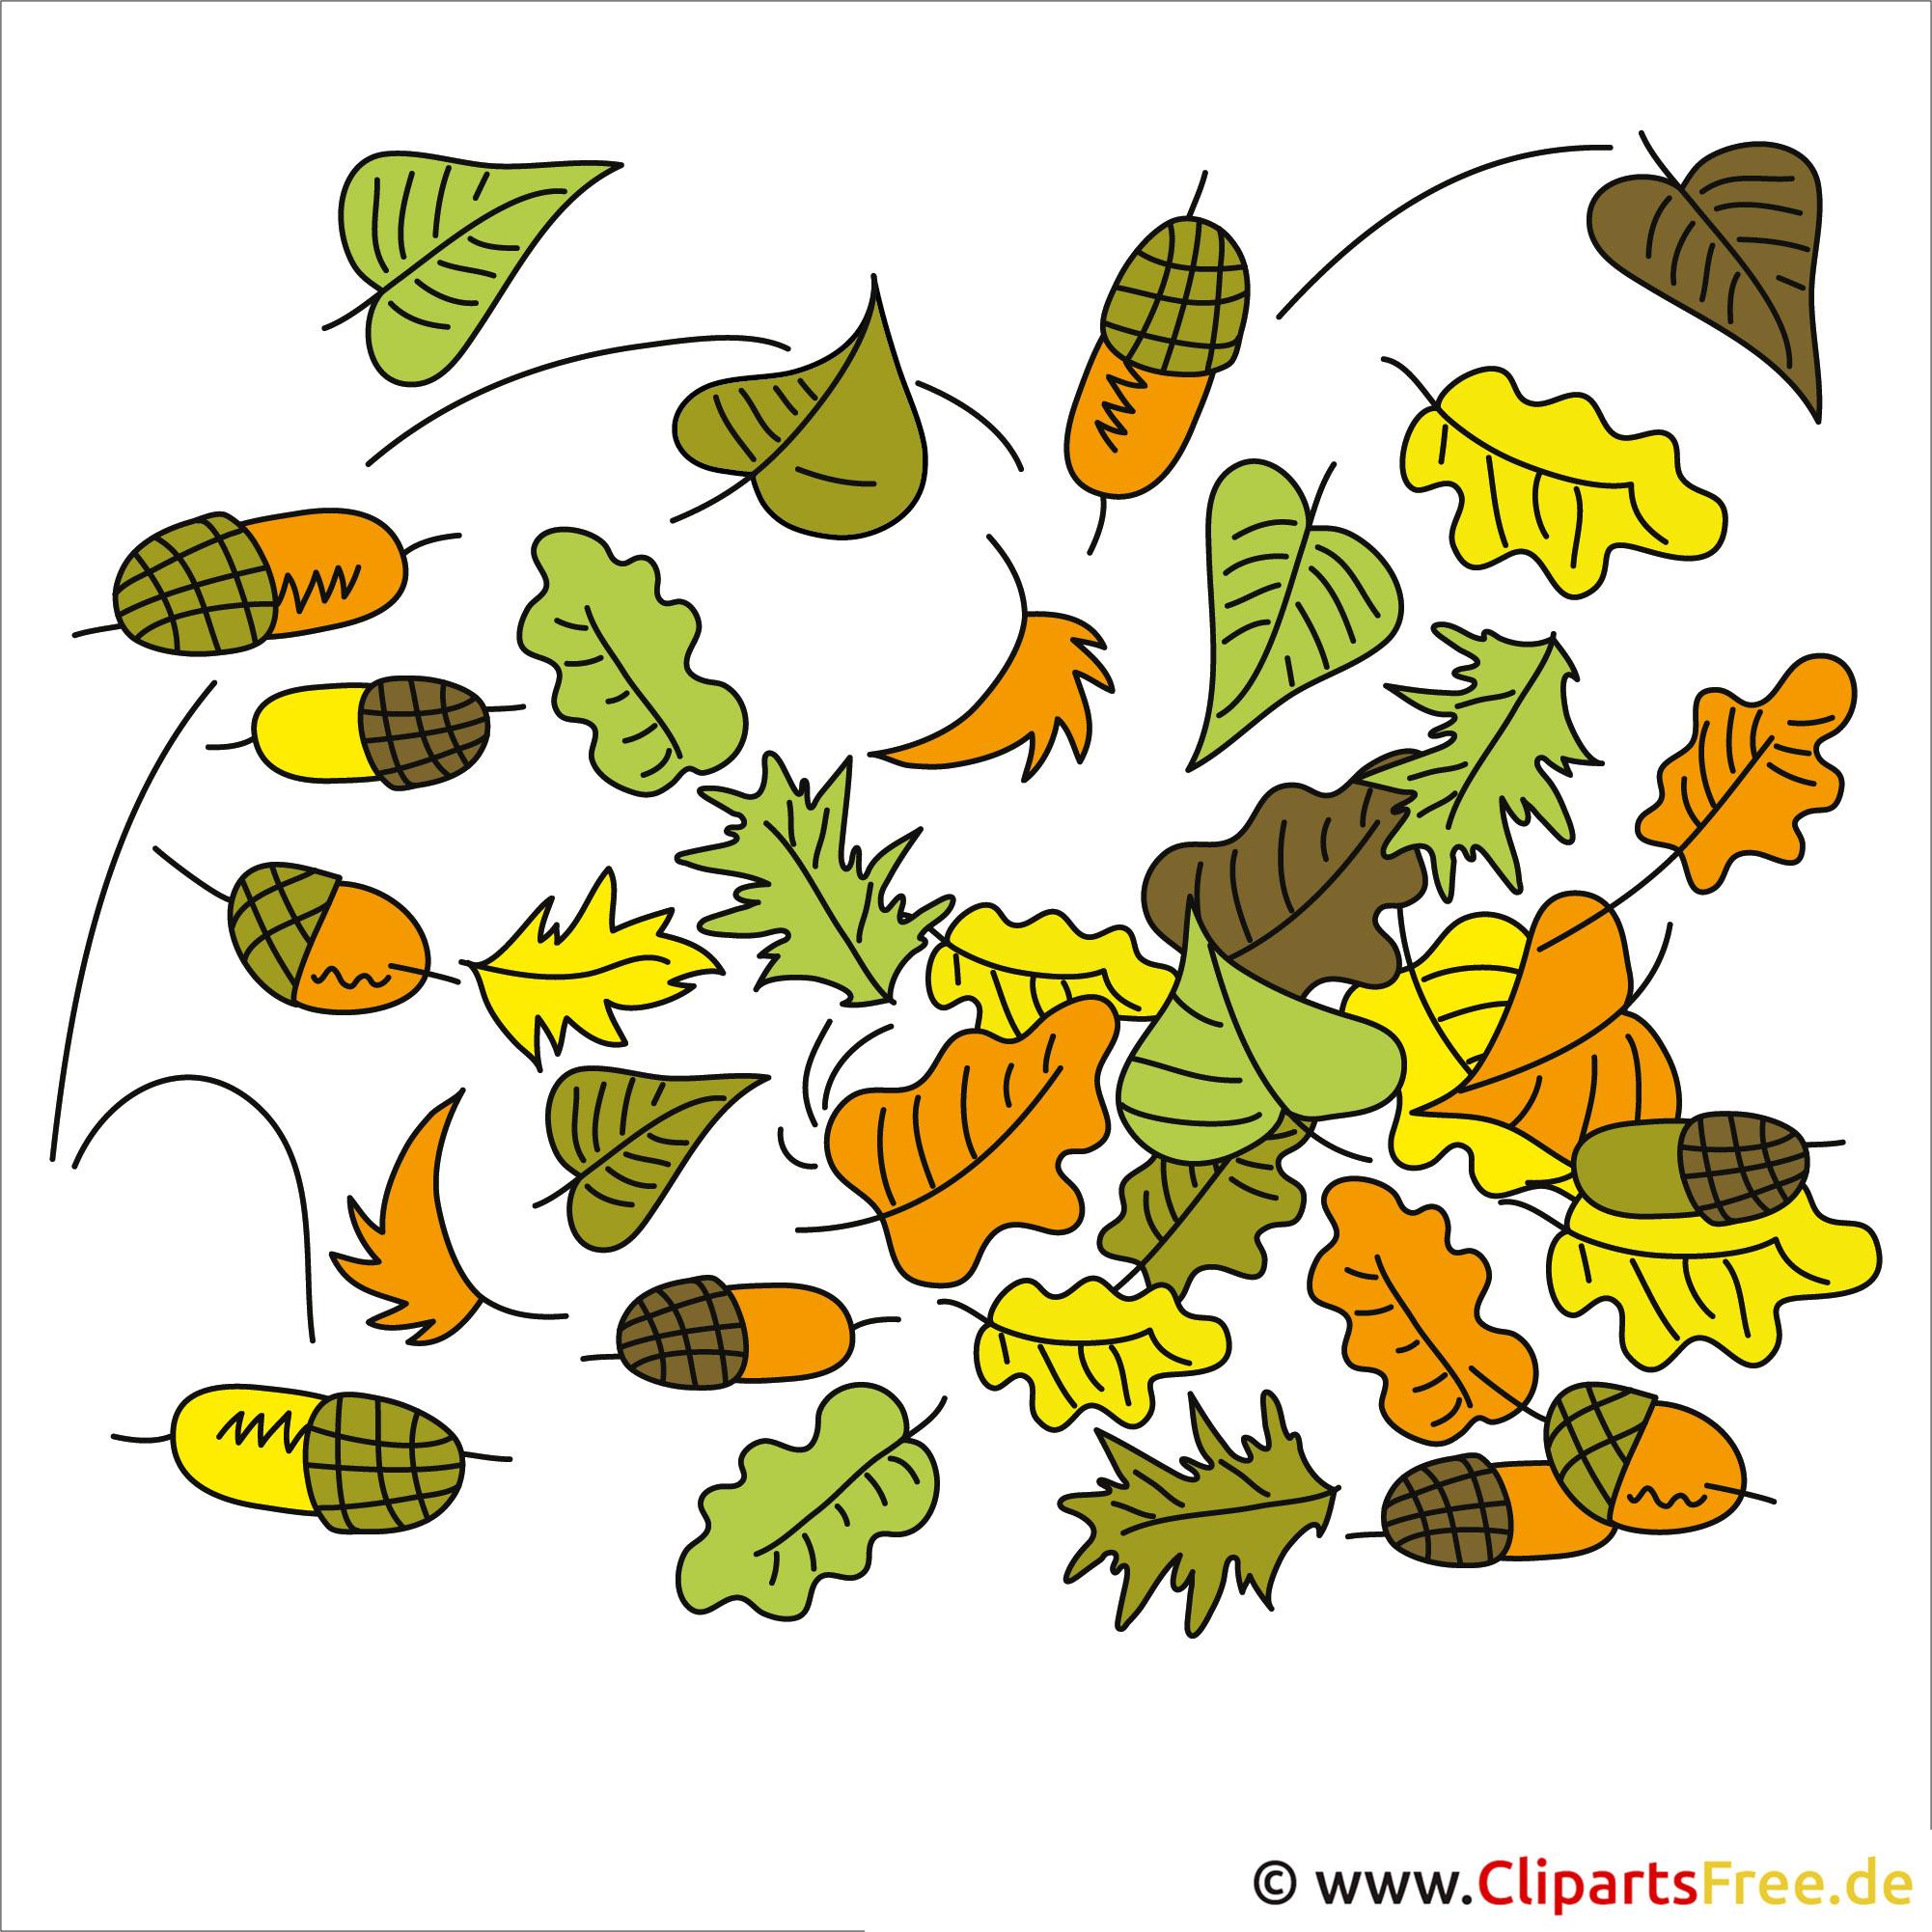 Clip-Art Herbst gratis